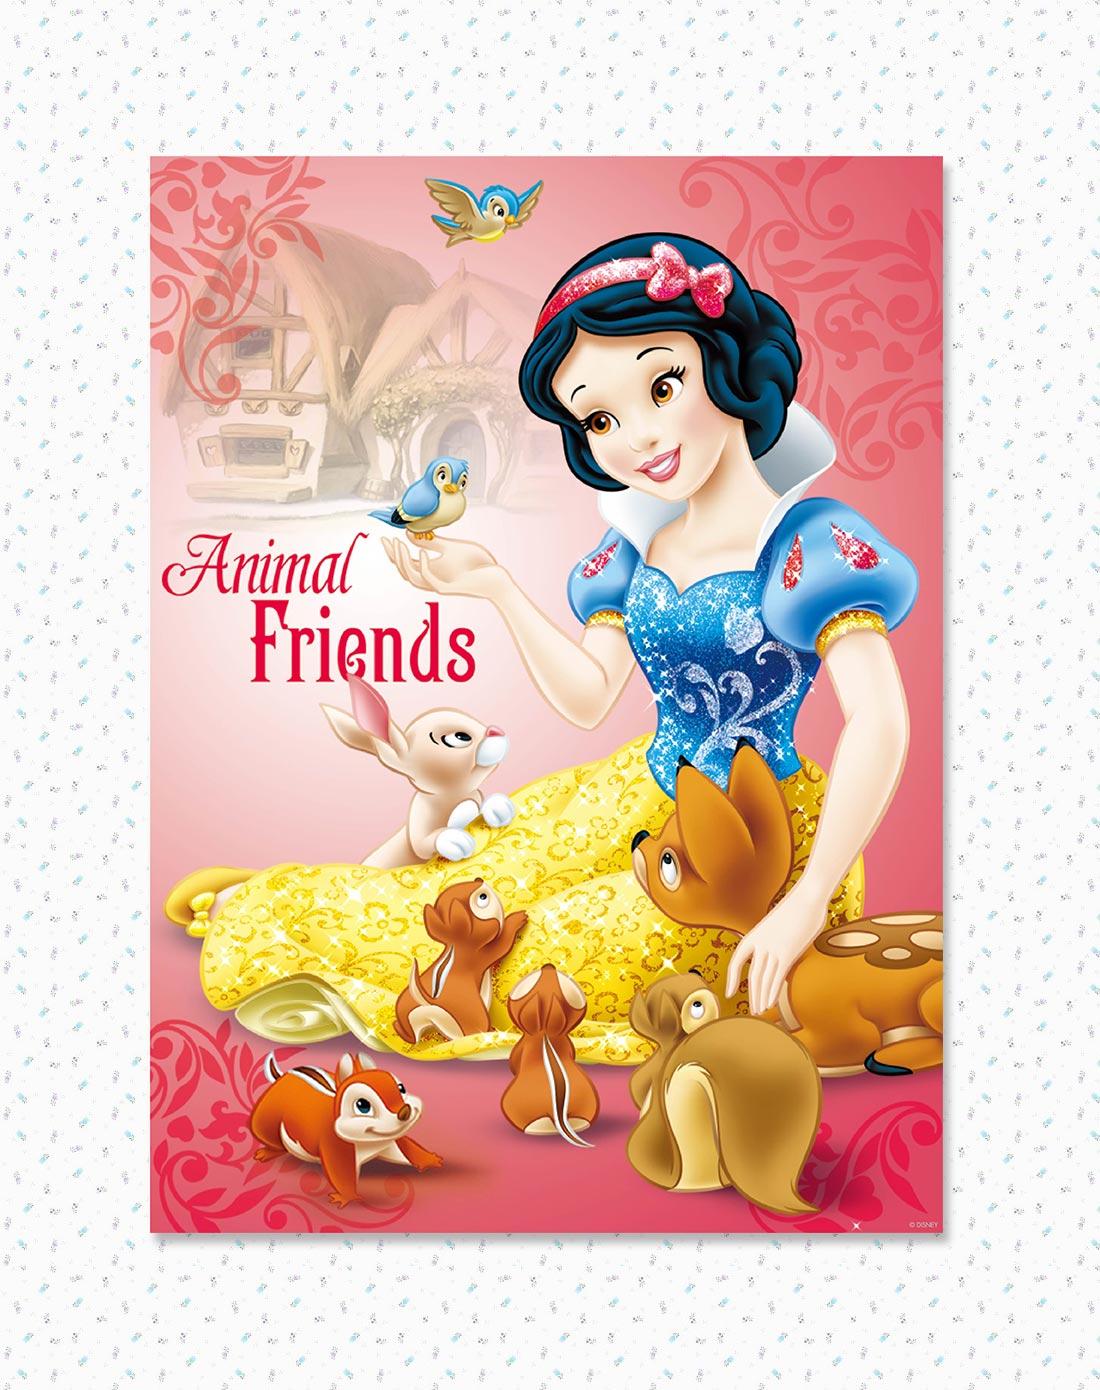 迪士尼 挂画-白雪公主之动物情缘